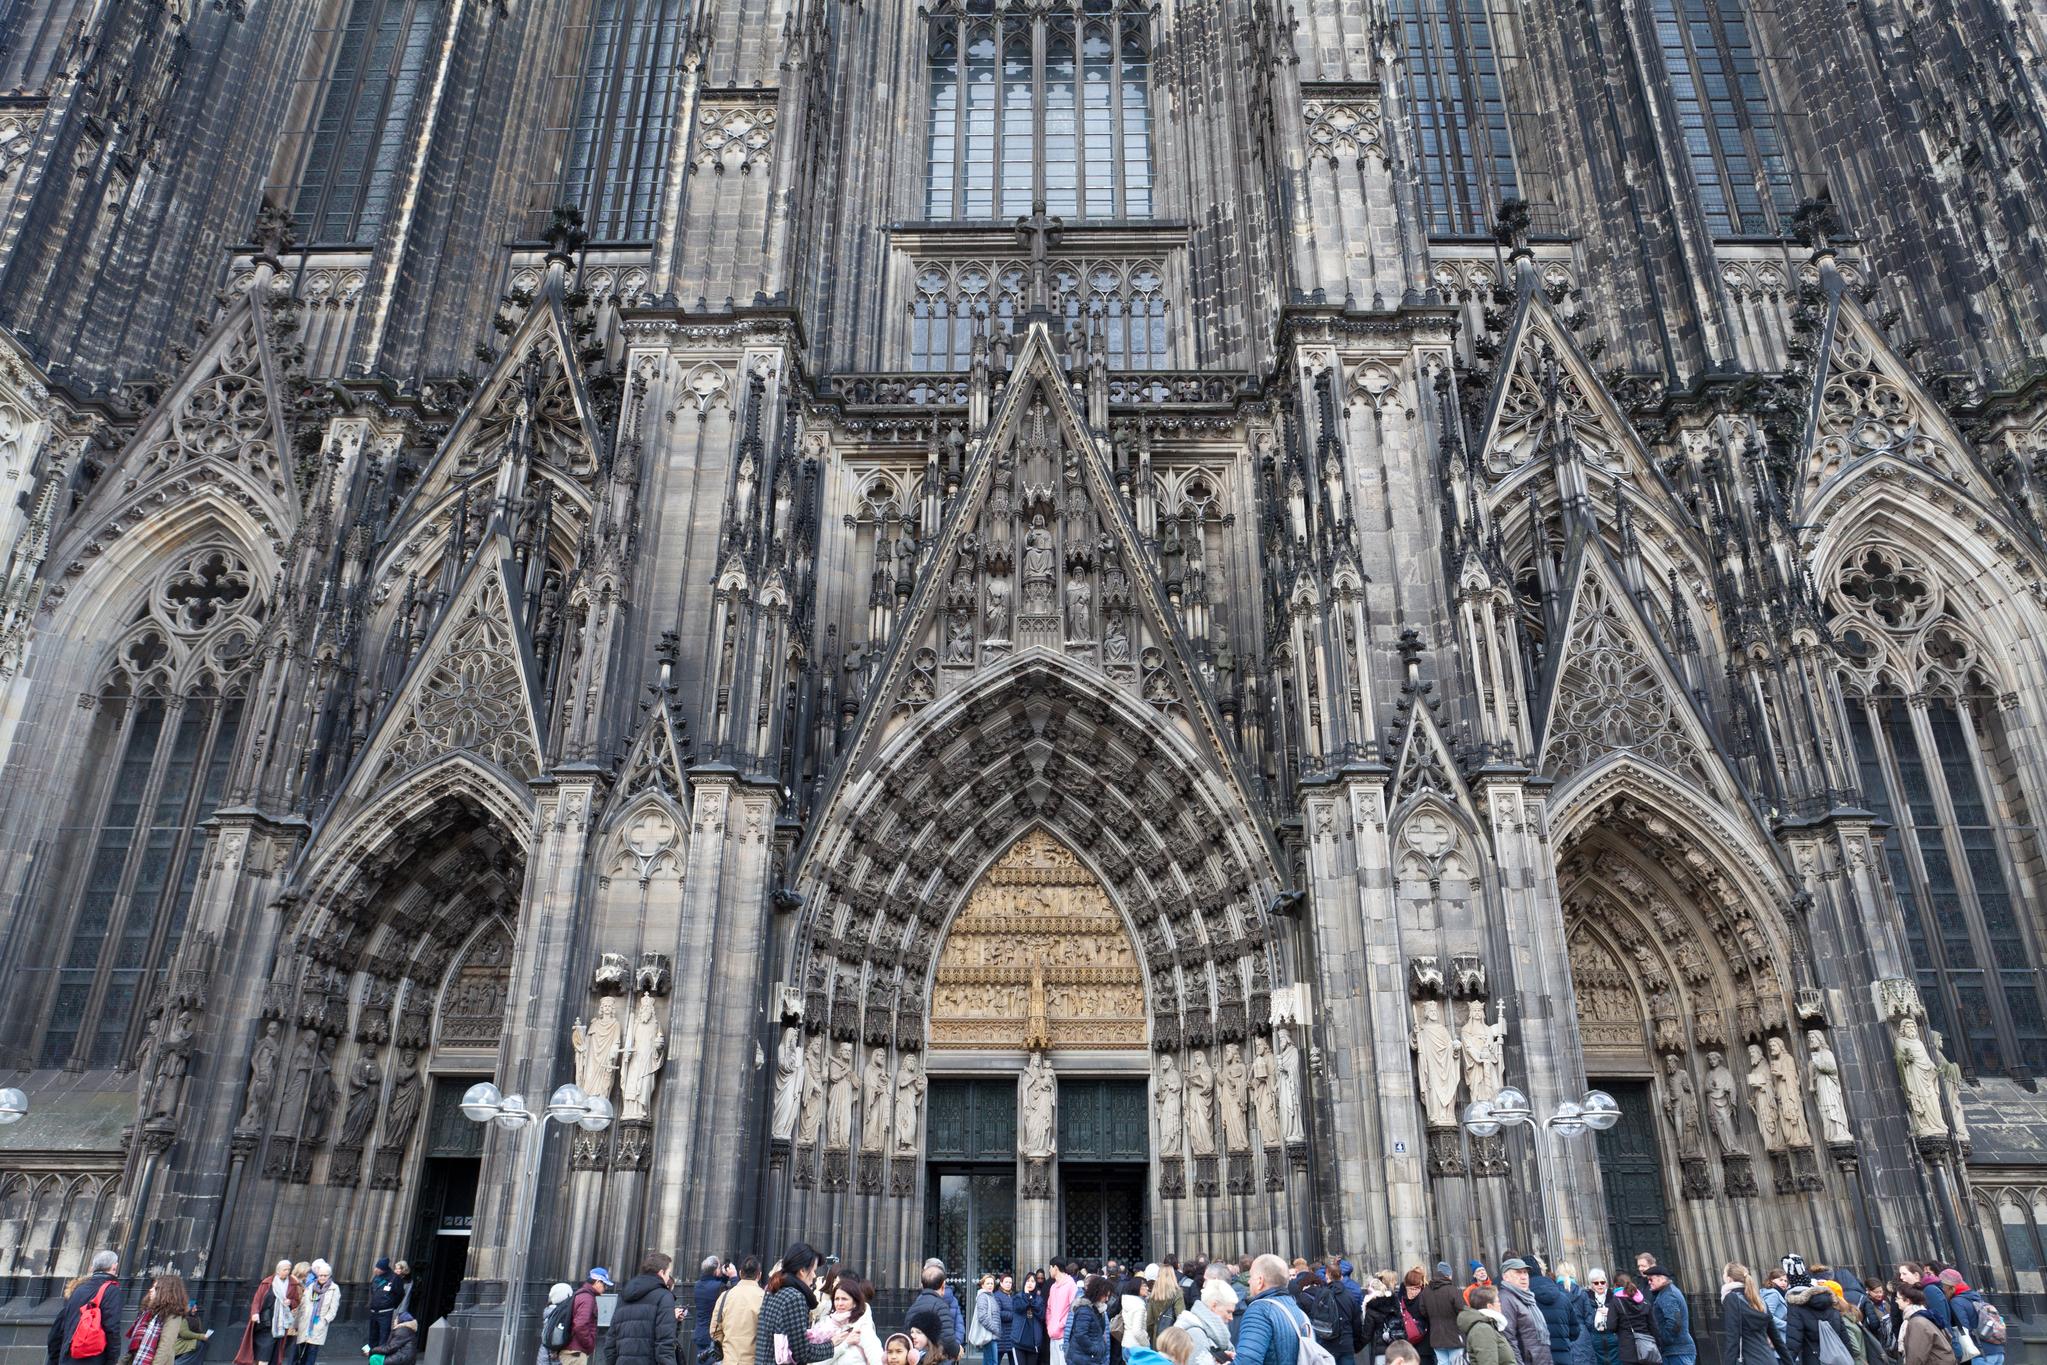 고딕 건축은 그 자체가 사람을 압도하는 아우라를 풍기는데 쾰른 대성당은 2차 대전 때 생긴 그을음 때문에 더 기묘한 분위기를 낸다. 최승표 기자